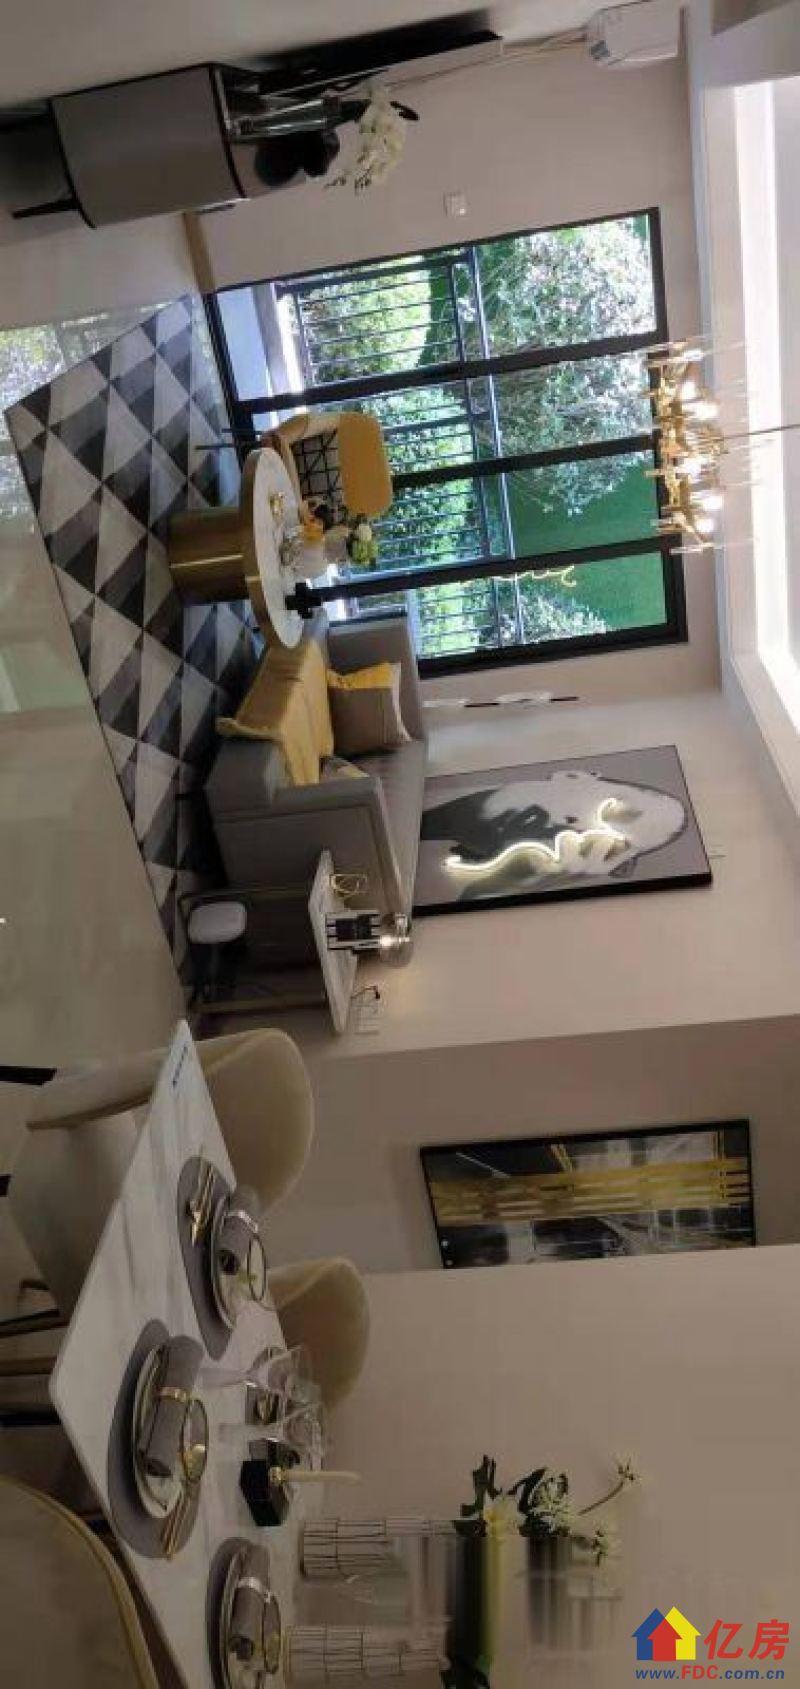 东西湖区一线湖景大三房,全景玻璃园林花样设计,一个清新舒适的家,武汉东西湖区金银湖武汉市东西湖区张柏路径河以北(气象局旁)二手房3室 - 亿房网